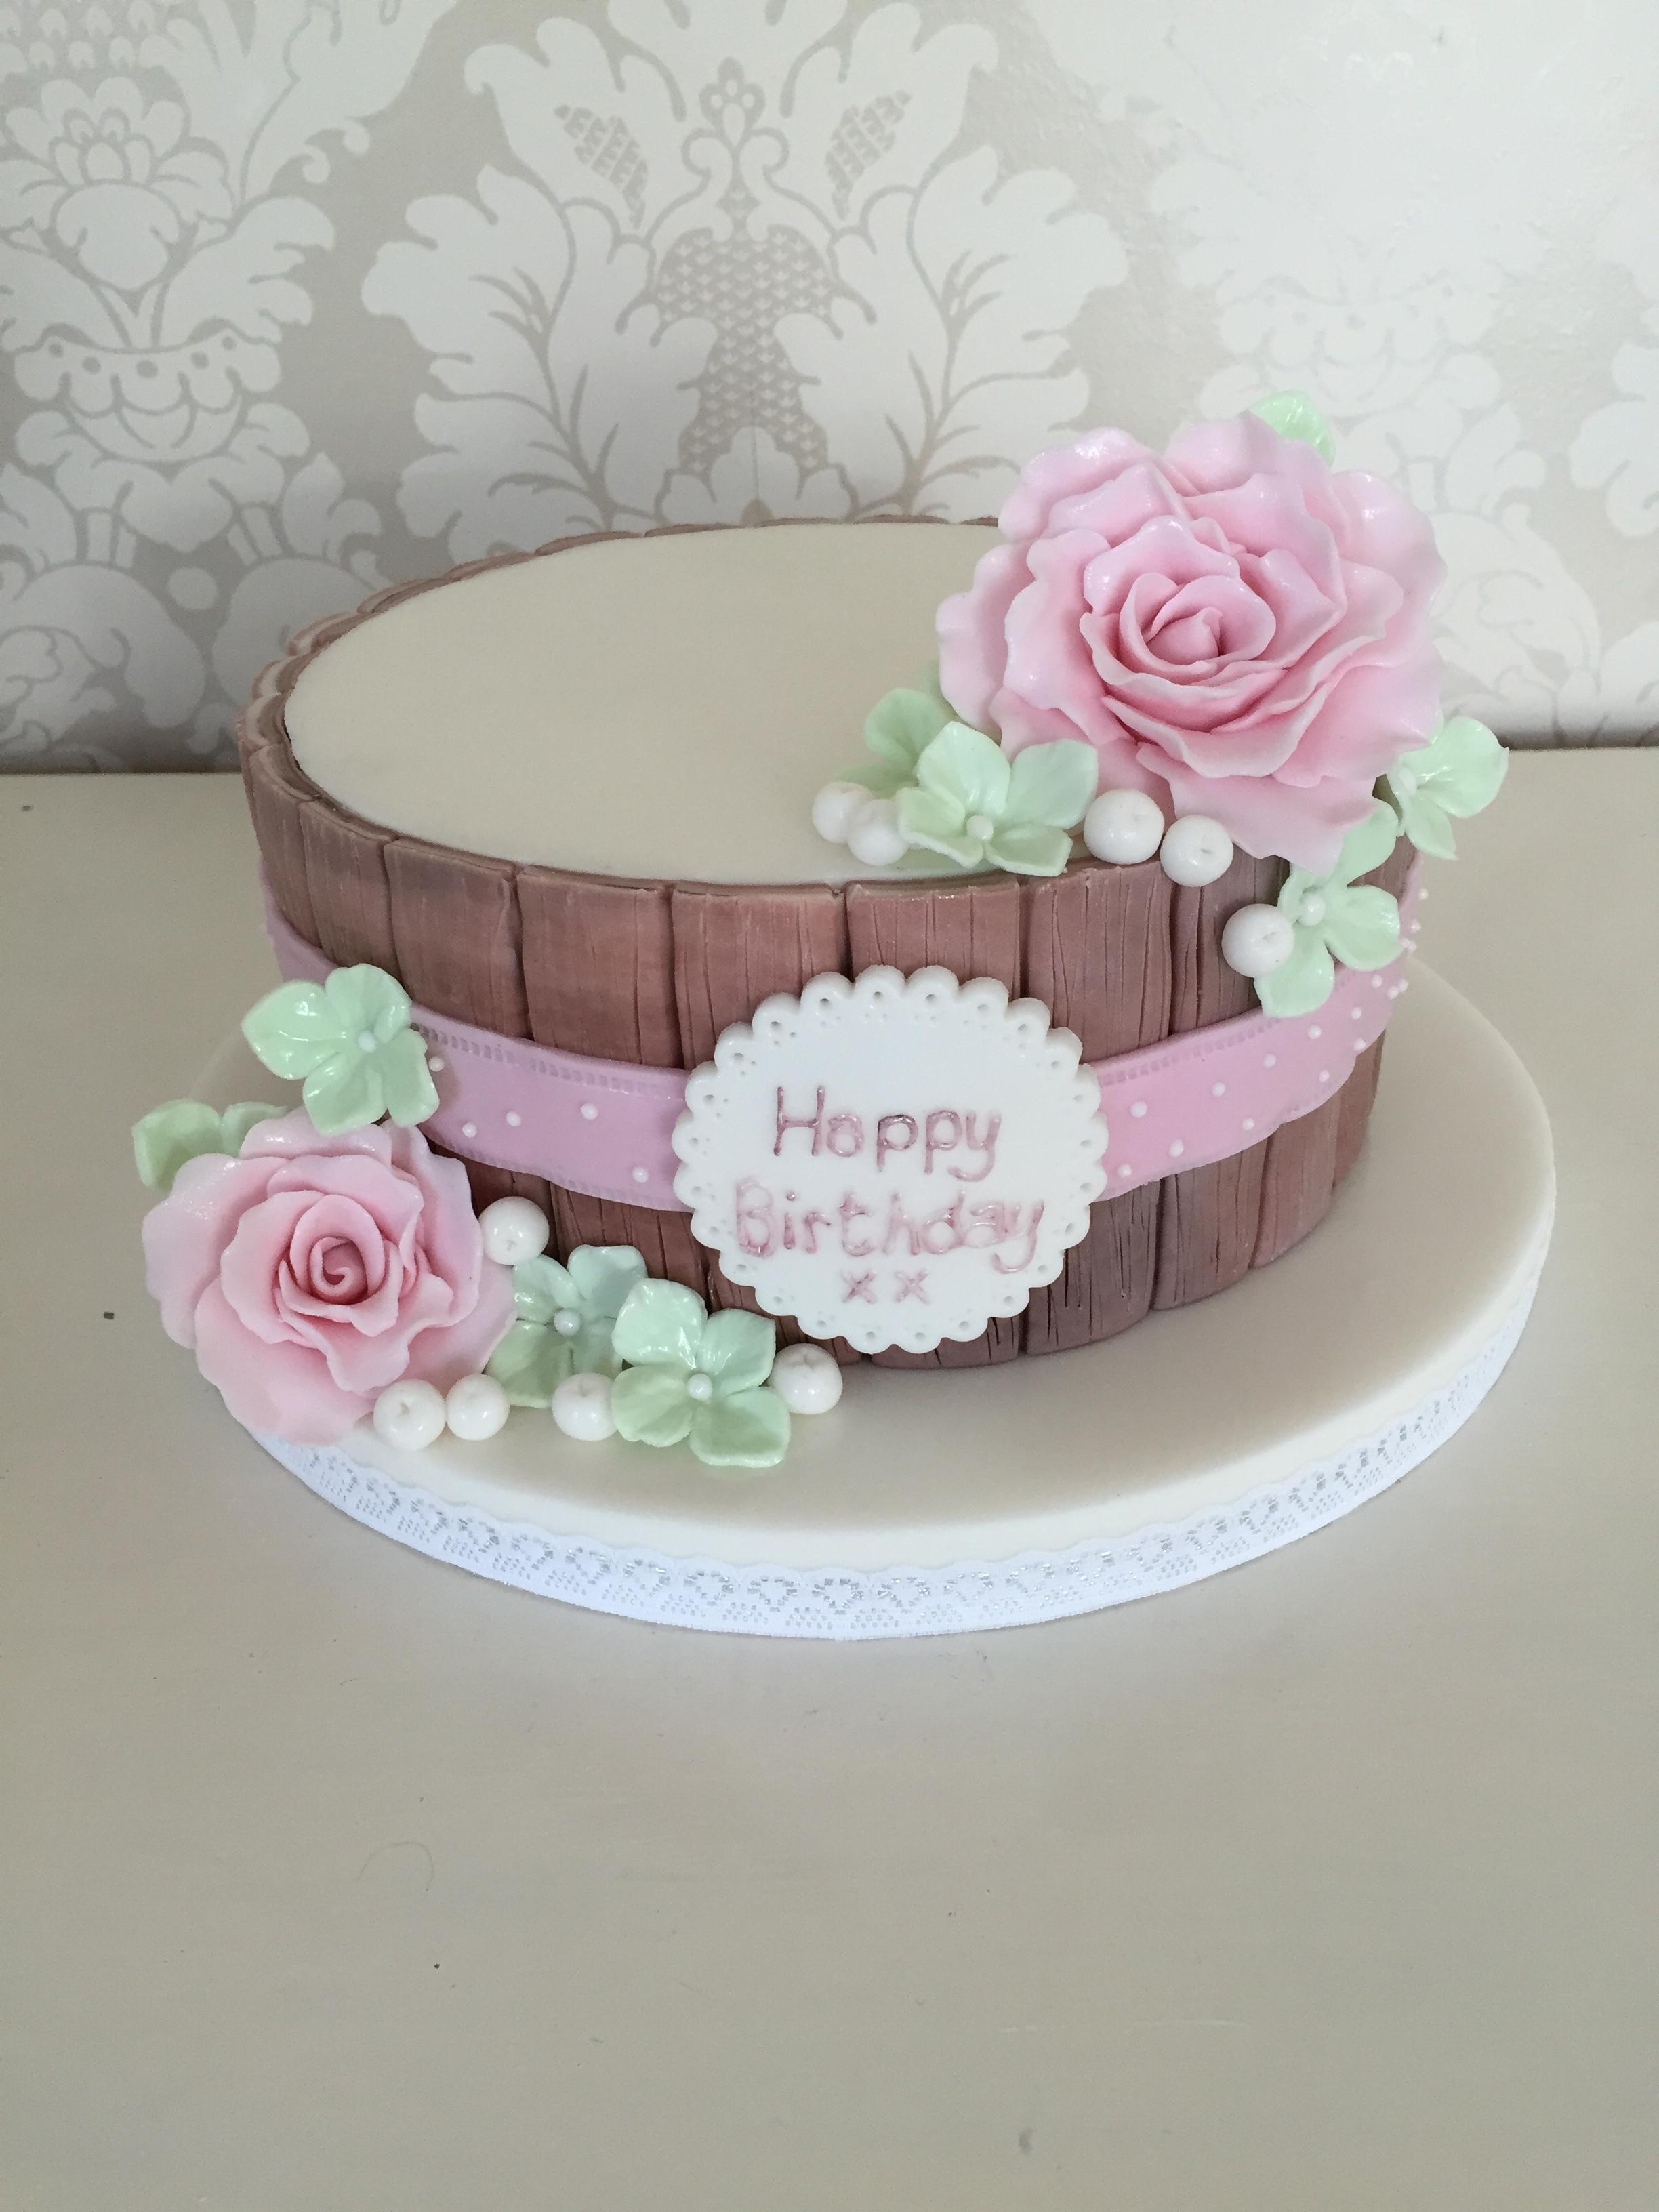 Female Birthday Cakes Hertfordshire Bedfordshire London